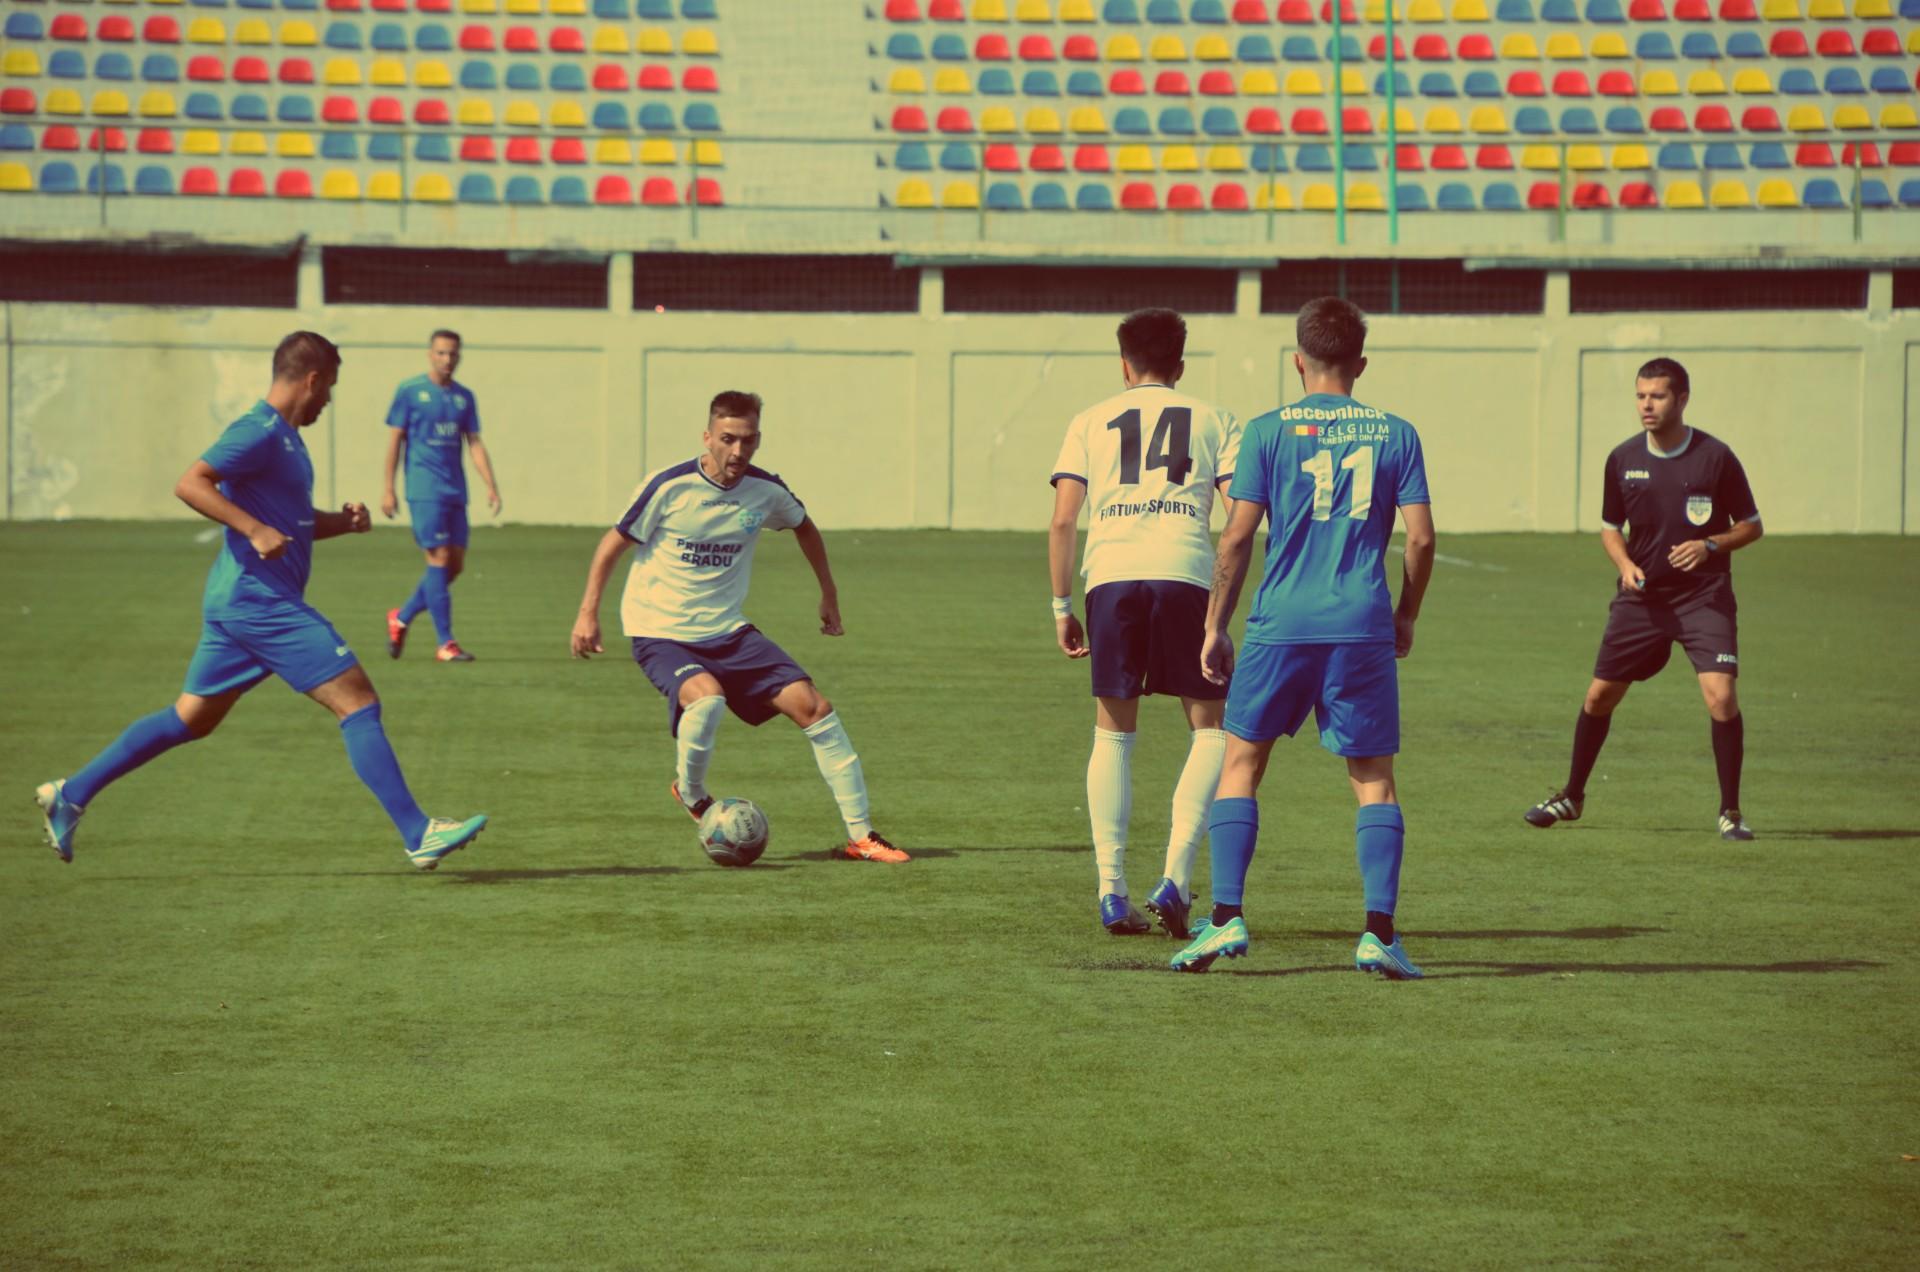 Liga 4 | Voinţa Budeasa şi Real Bradu vor juca o confruntare tur-retur, iar câştigătoarea va merge la baraj